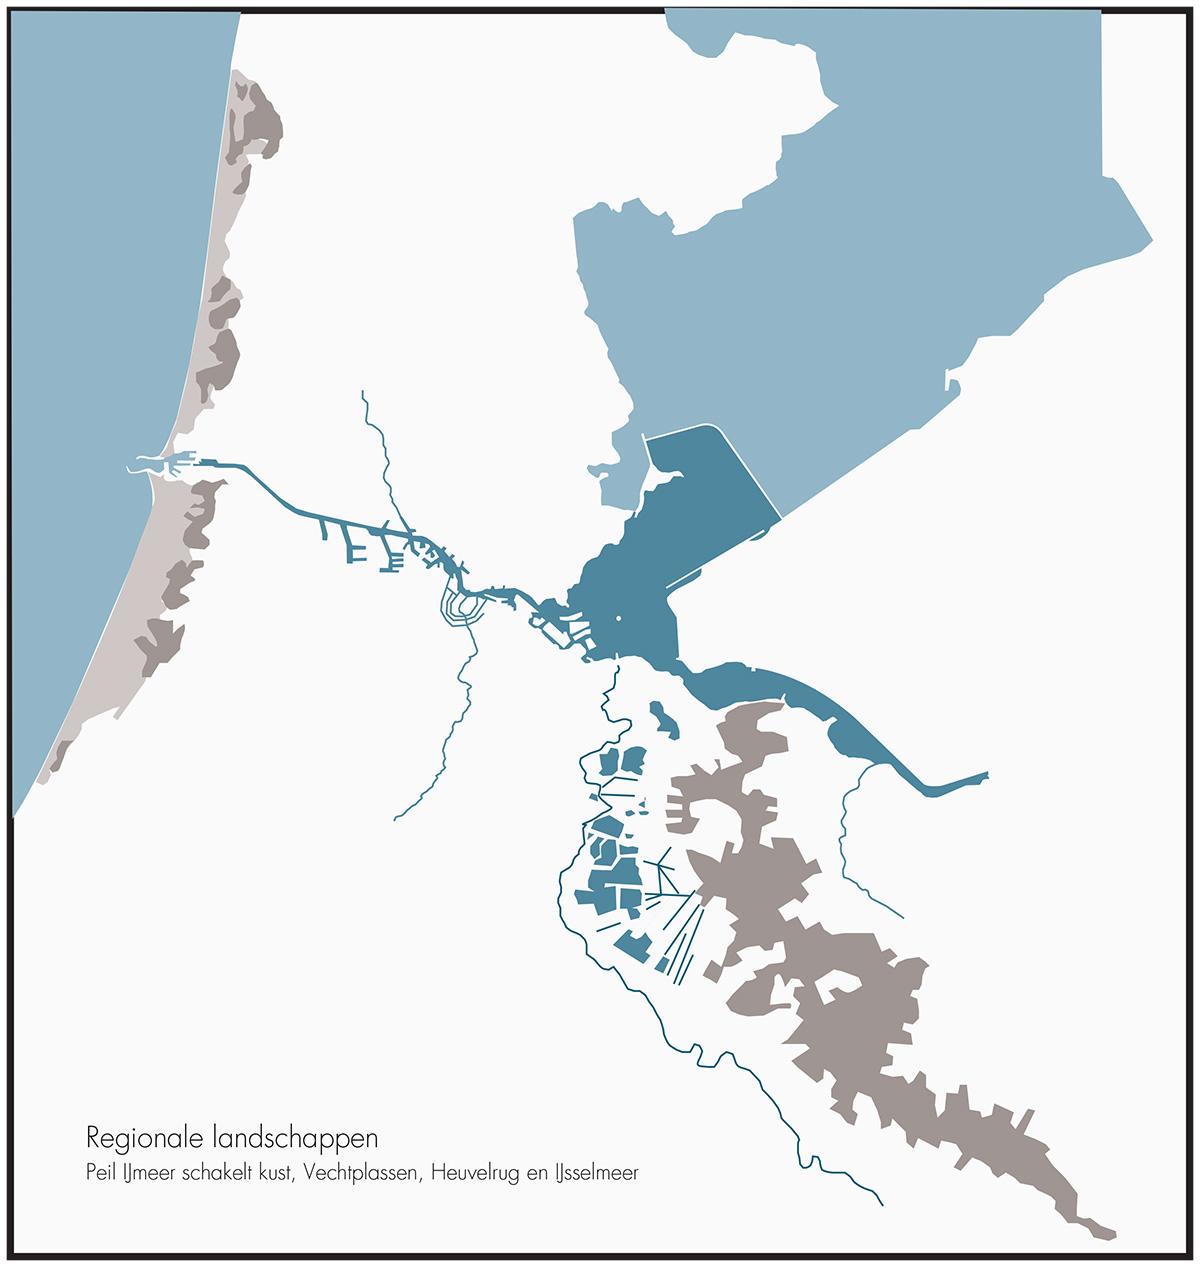 regionaal-landschappen